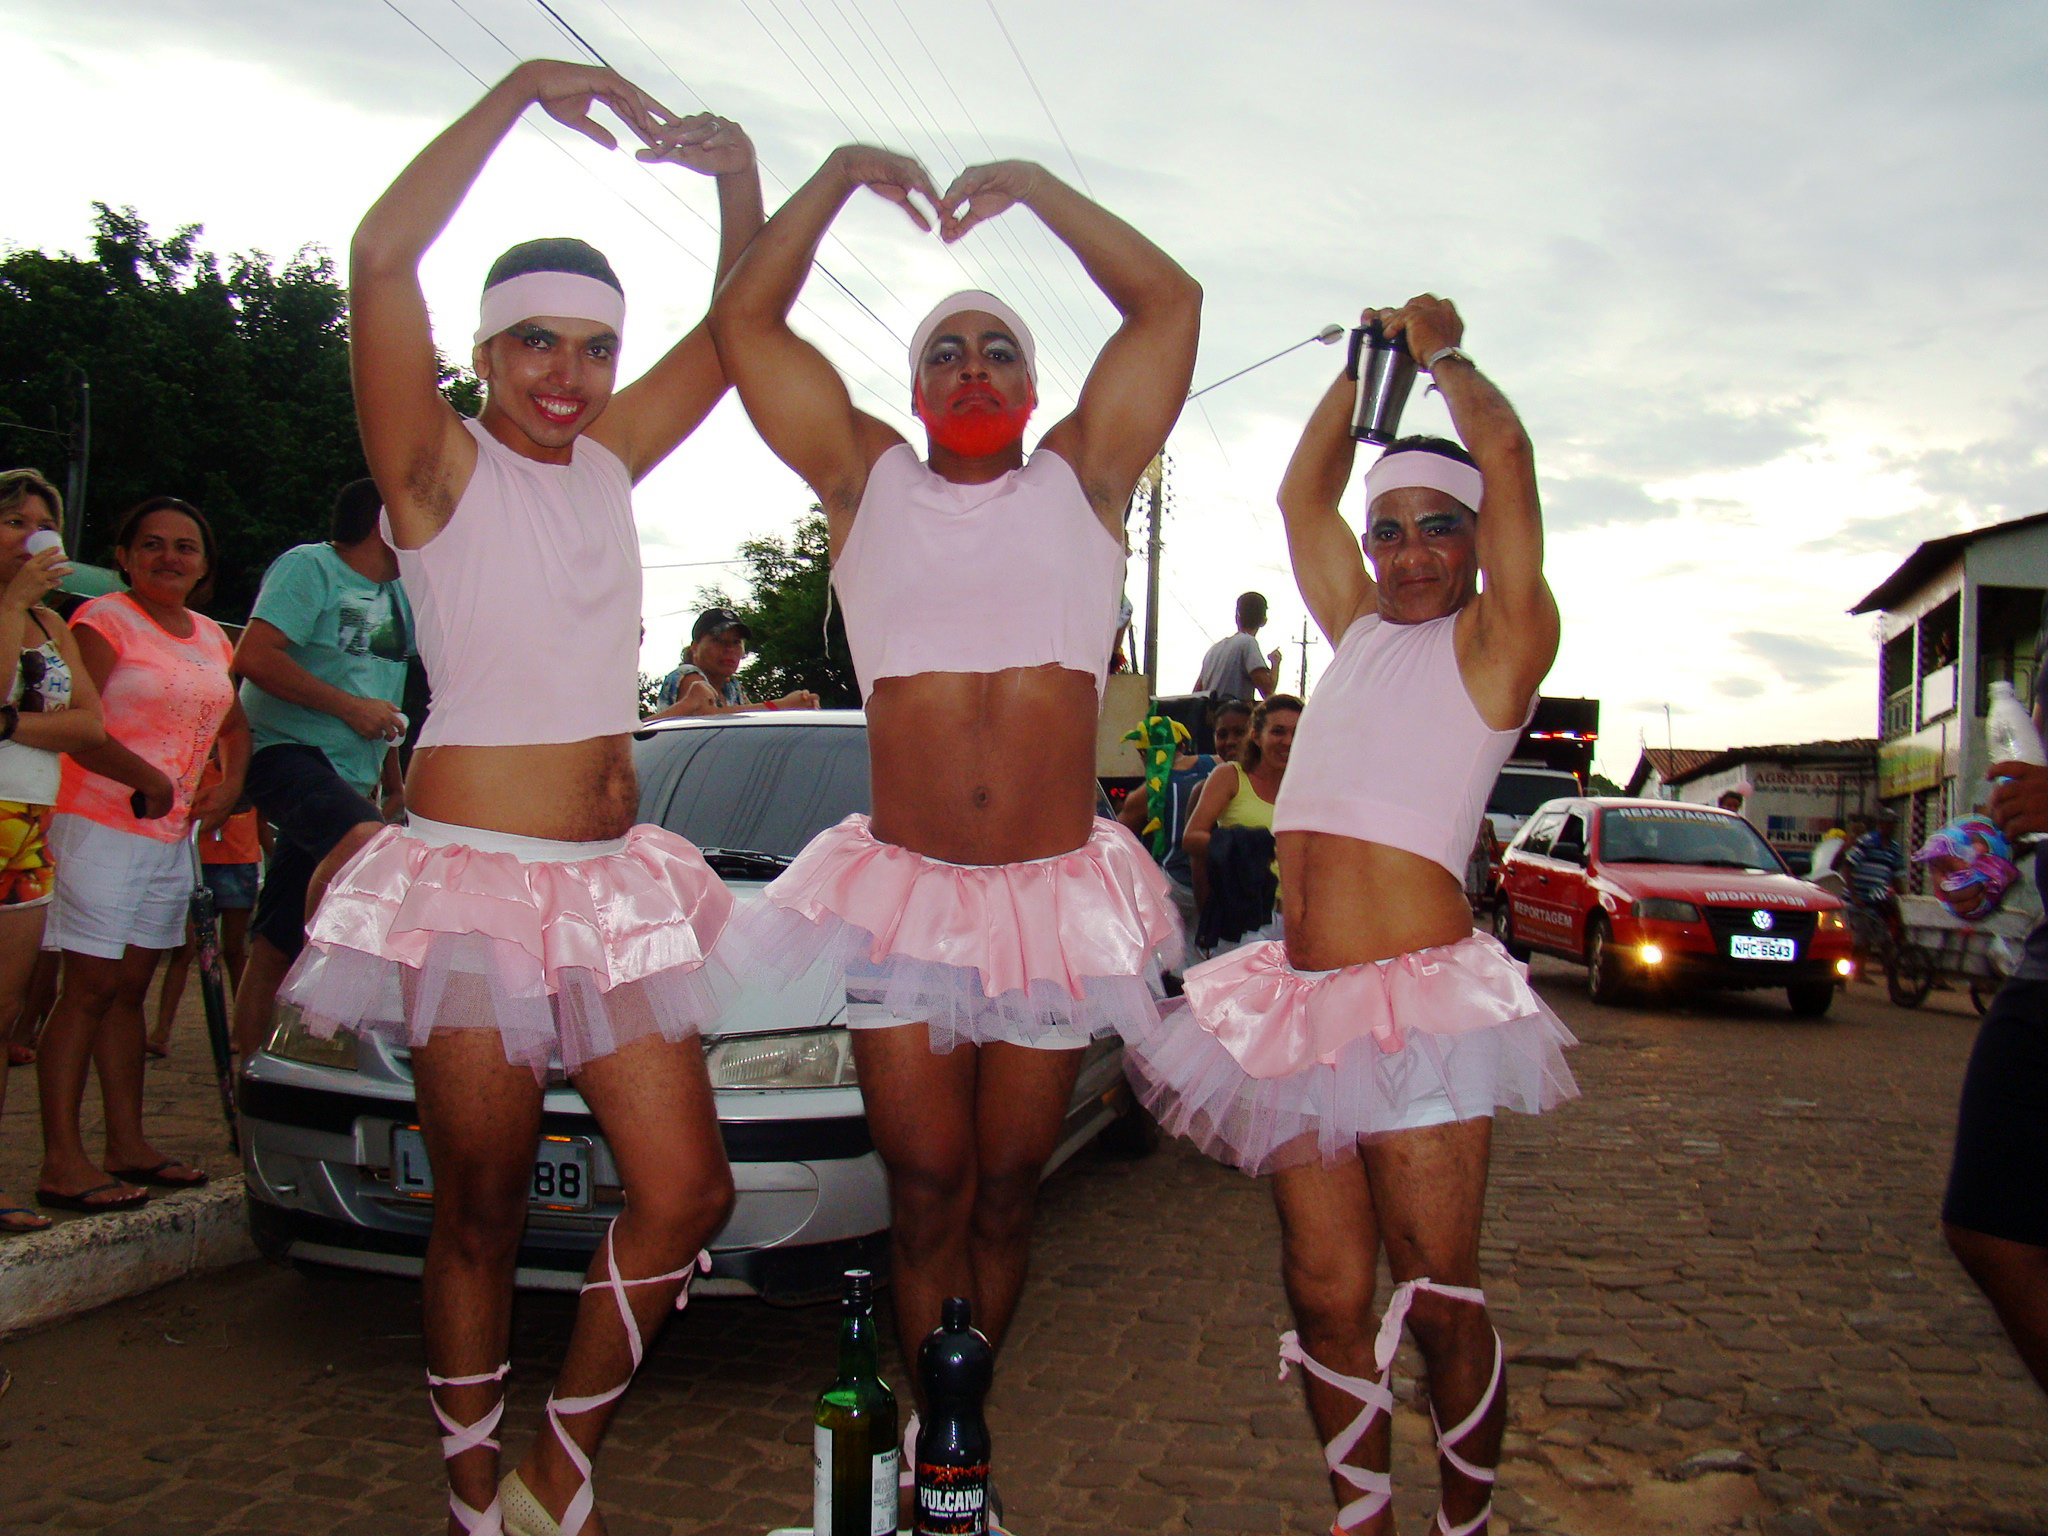 10 mil homens vestidos de mulher desfilam em bloco na cidade de Barras - Piauí